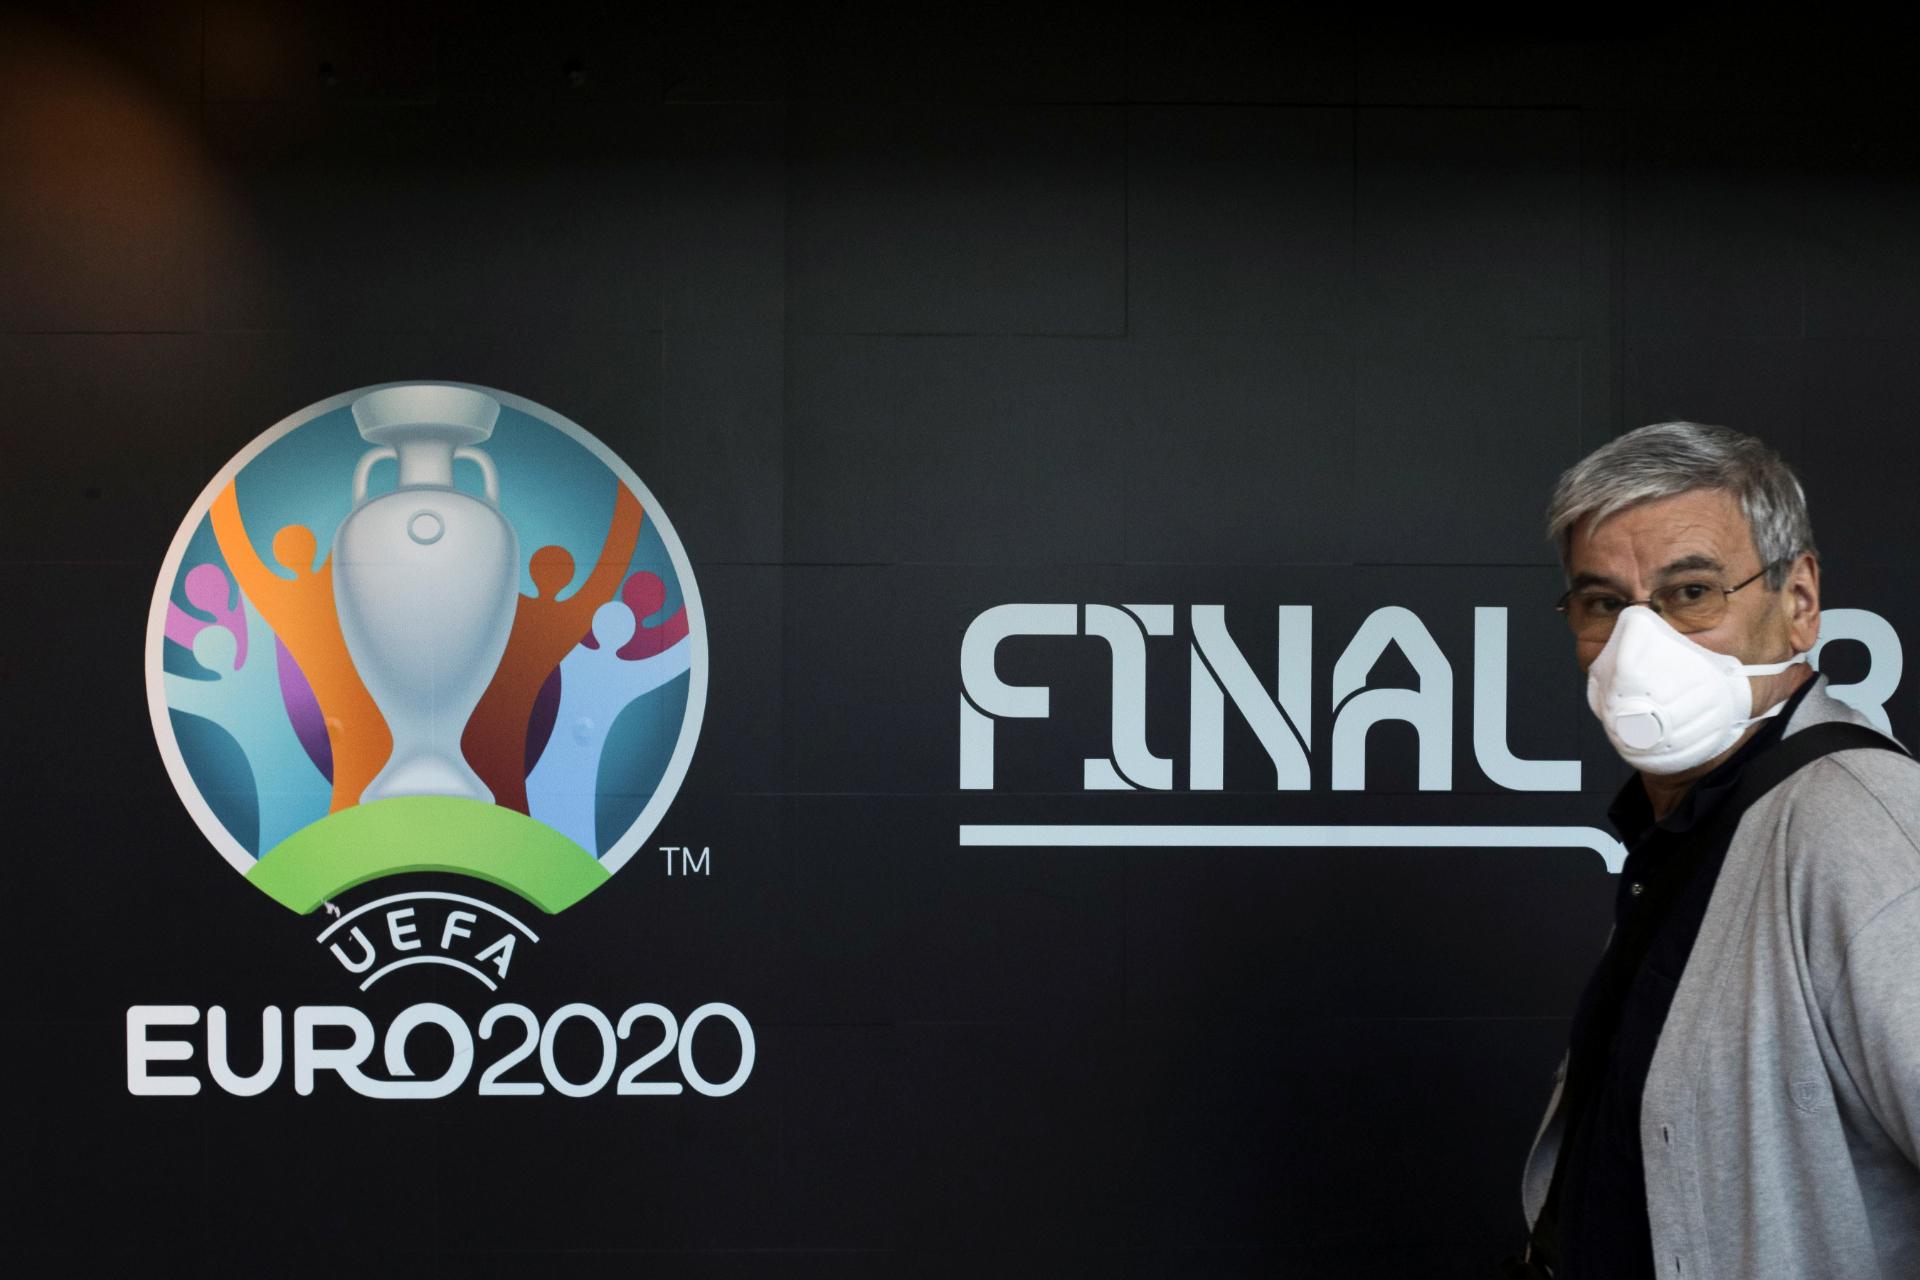 Homem com máscara de proteção passa pelo logo da Euro 2020